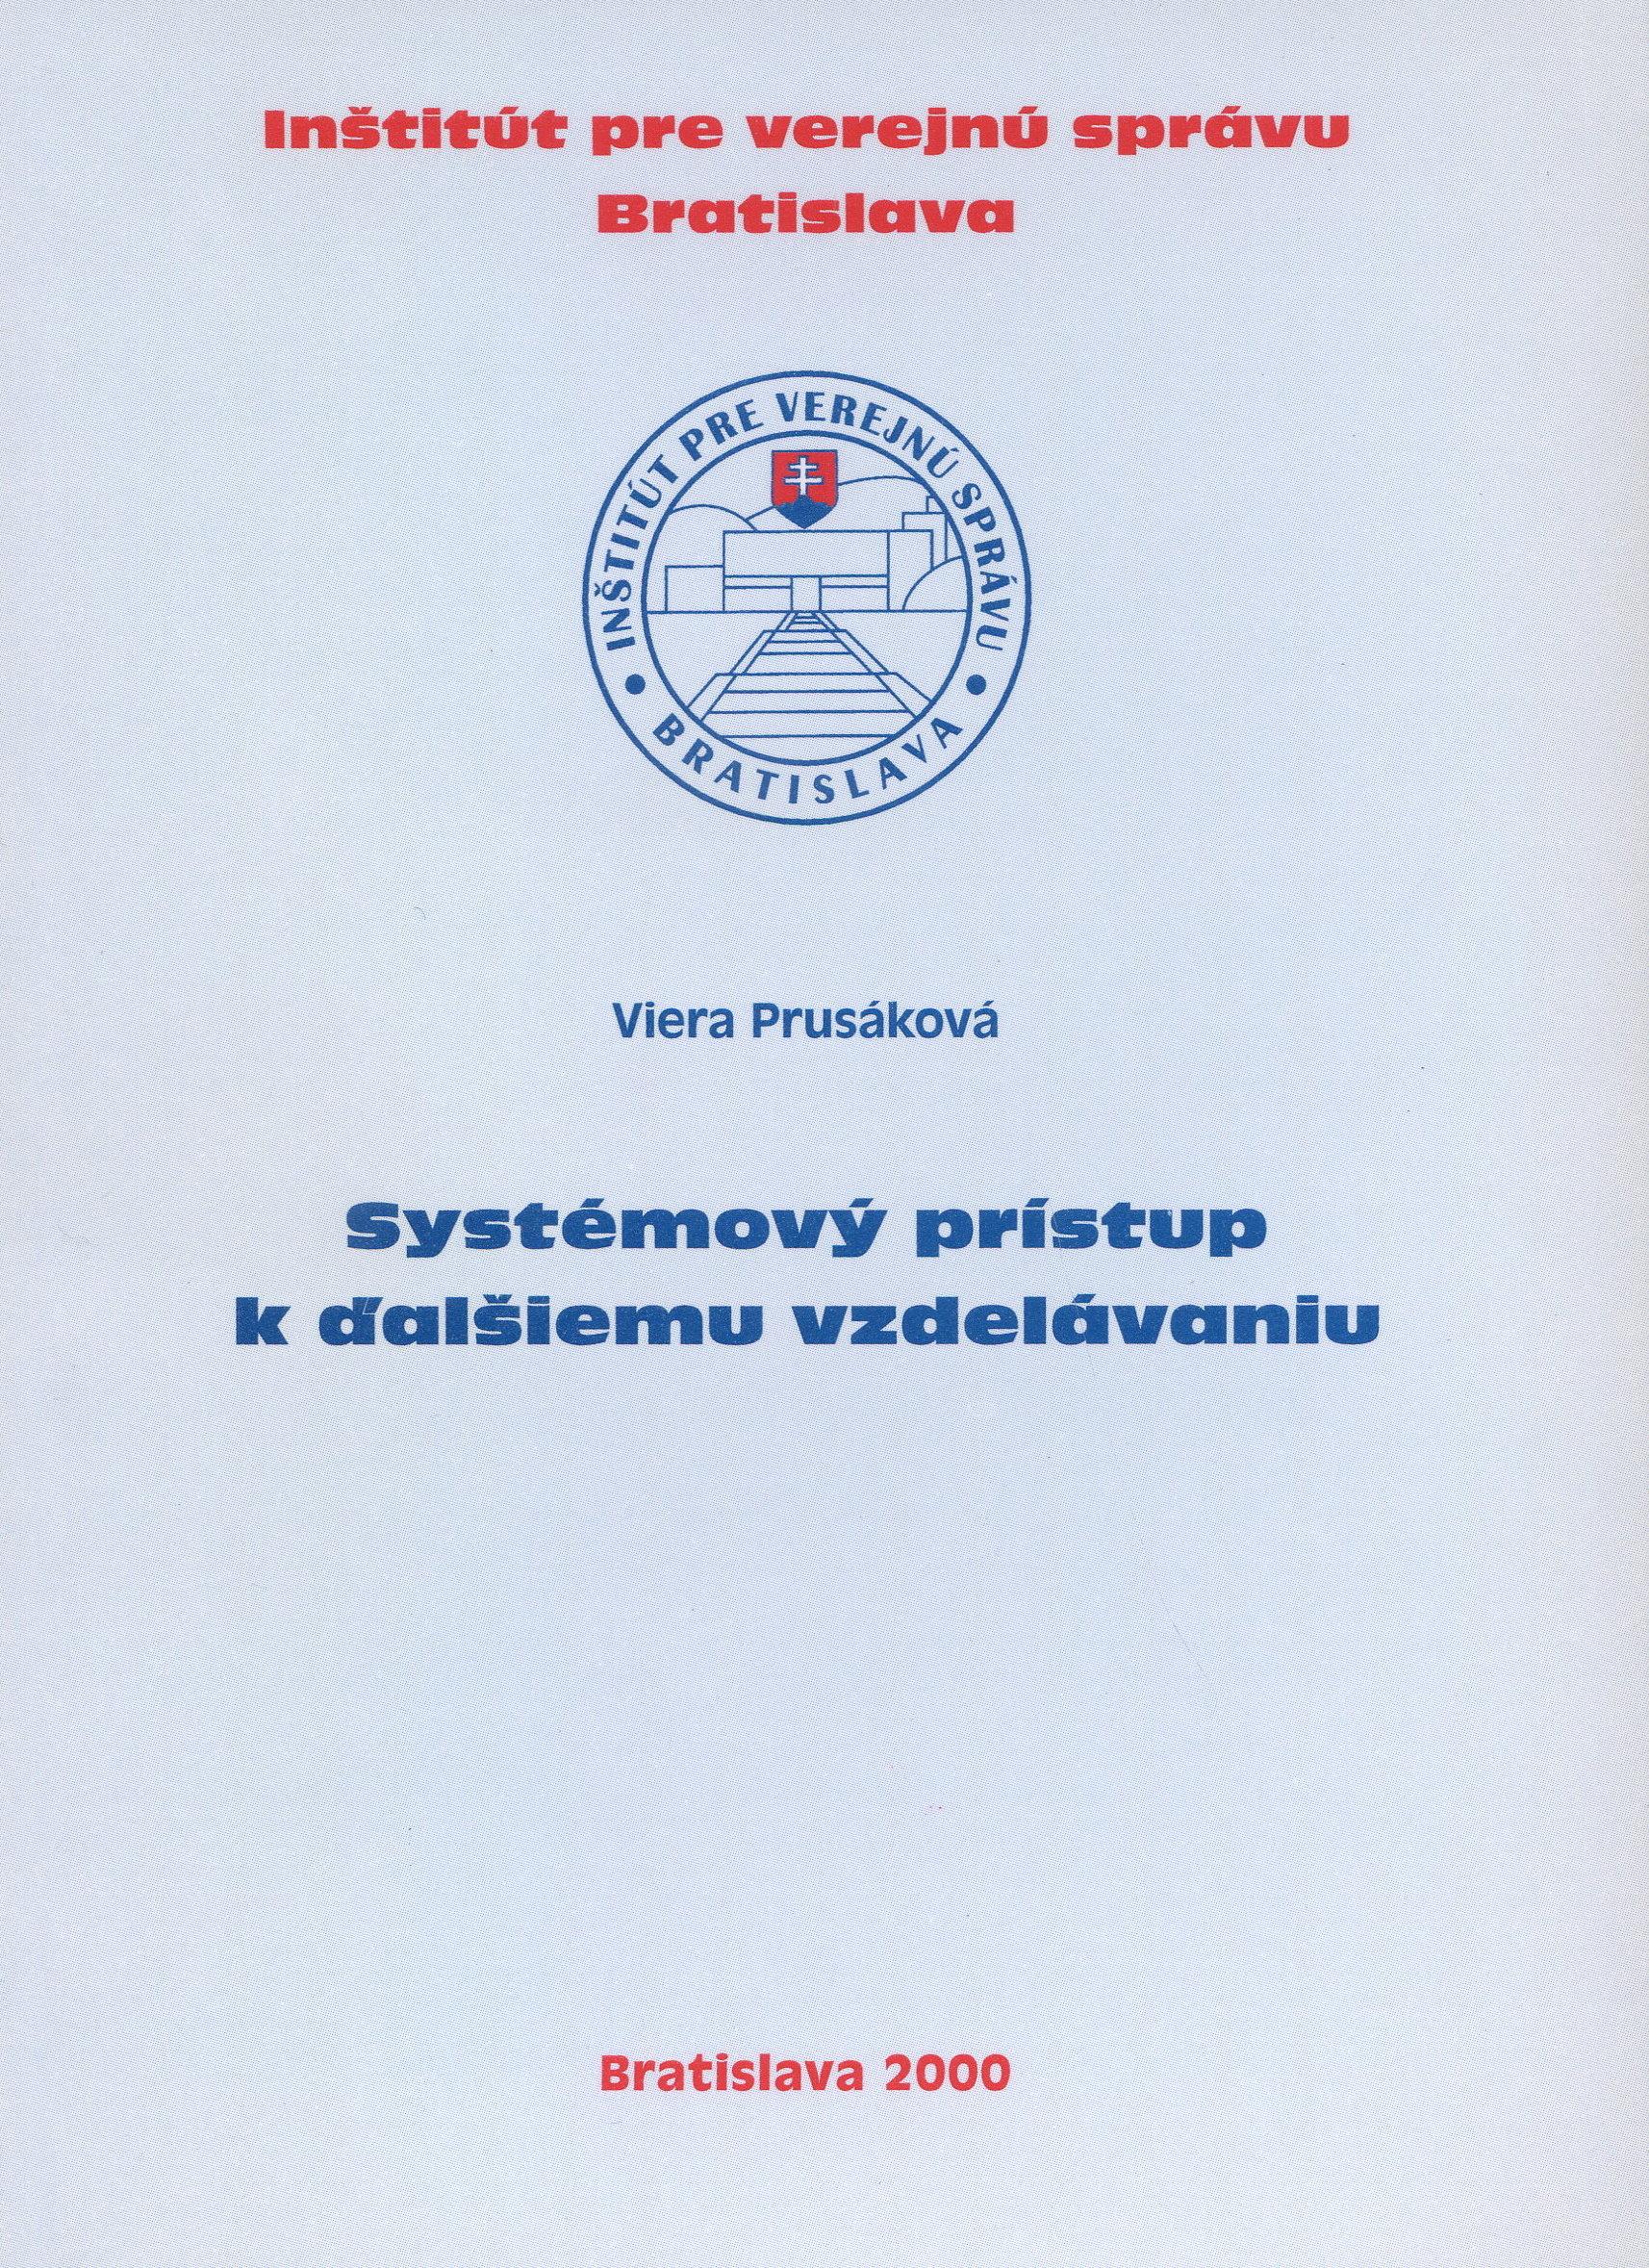 Systémový prístup k ďalšiemu vzdelávaniu